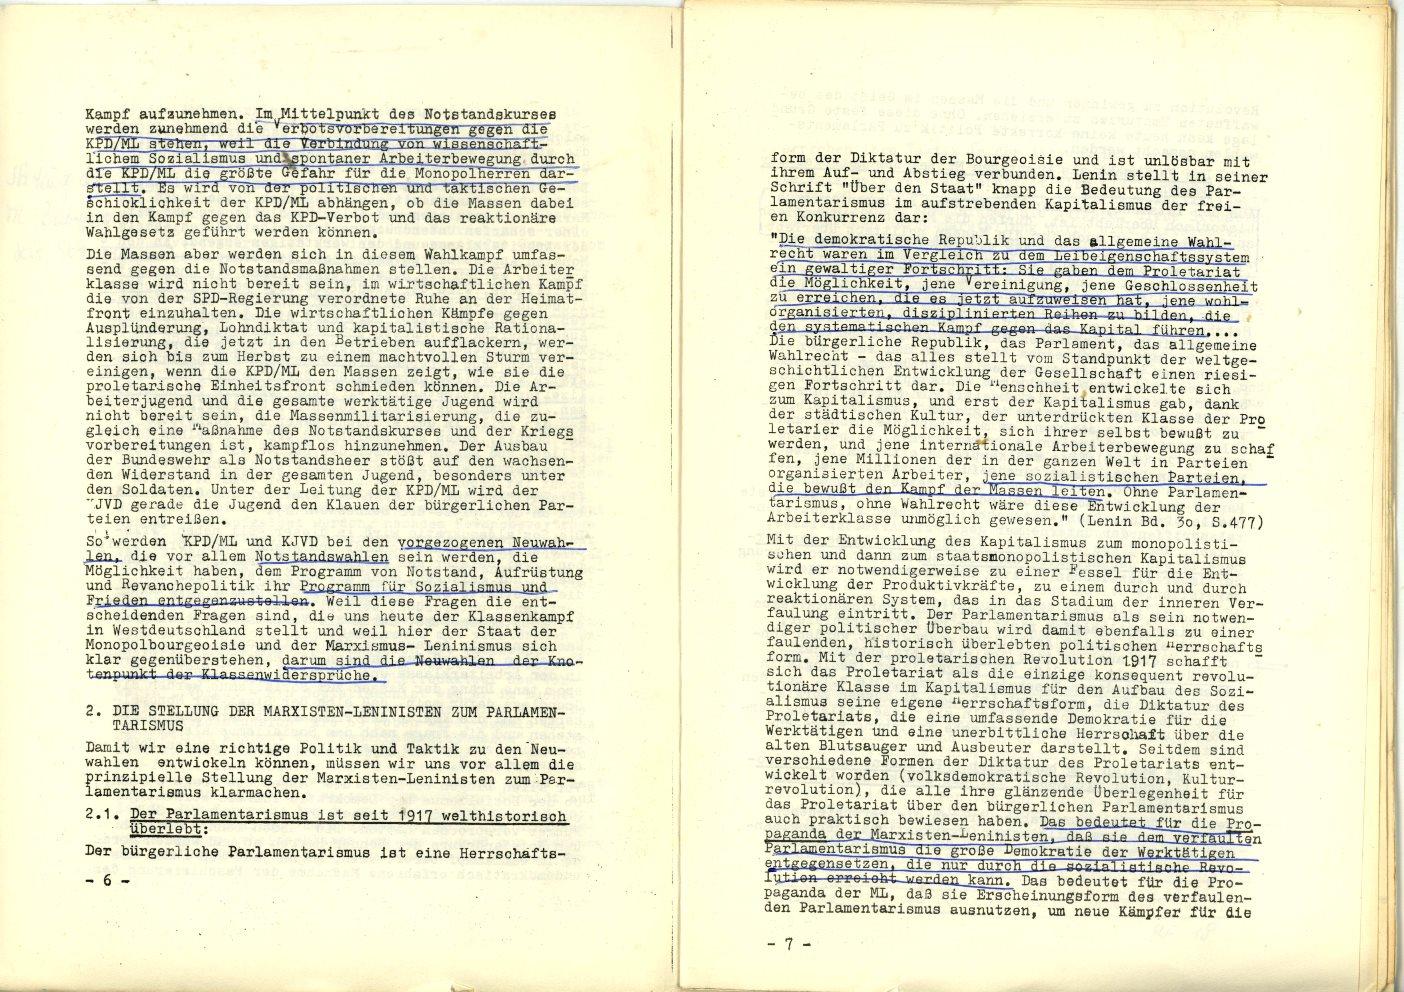 ZB_Rahmenplan_19720804_05